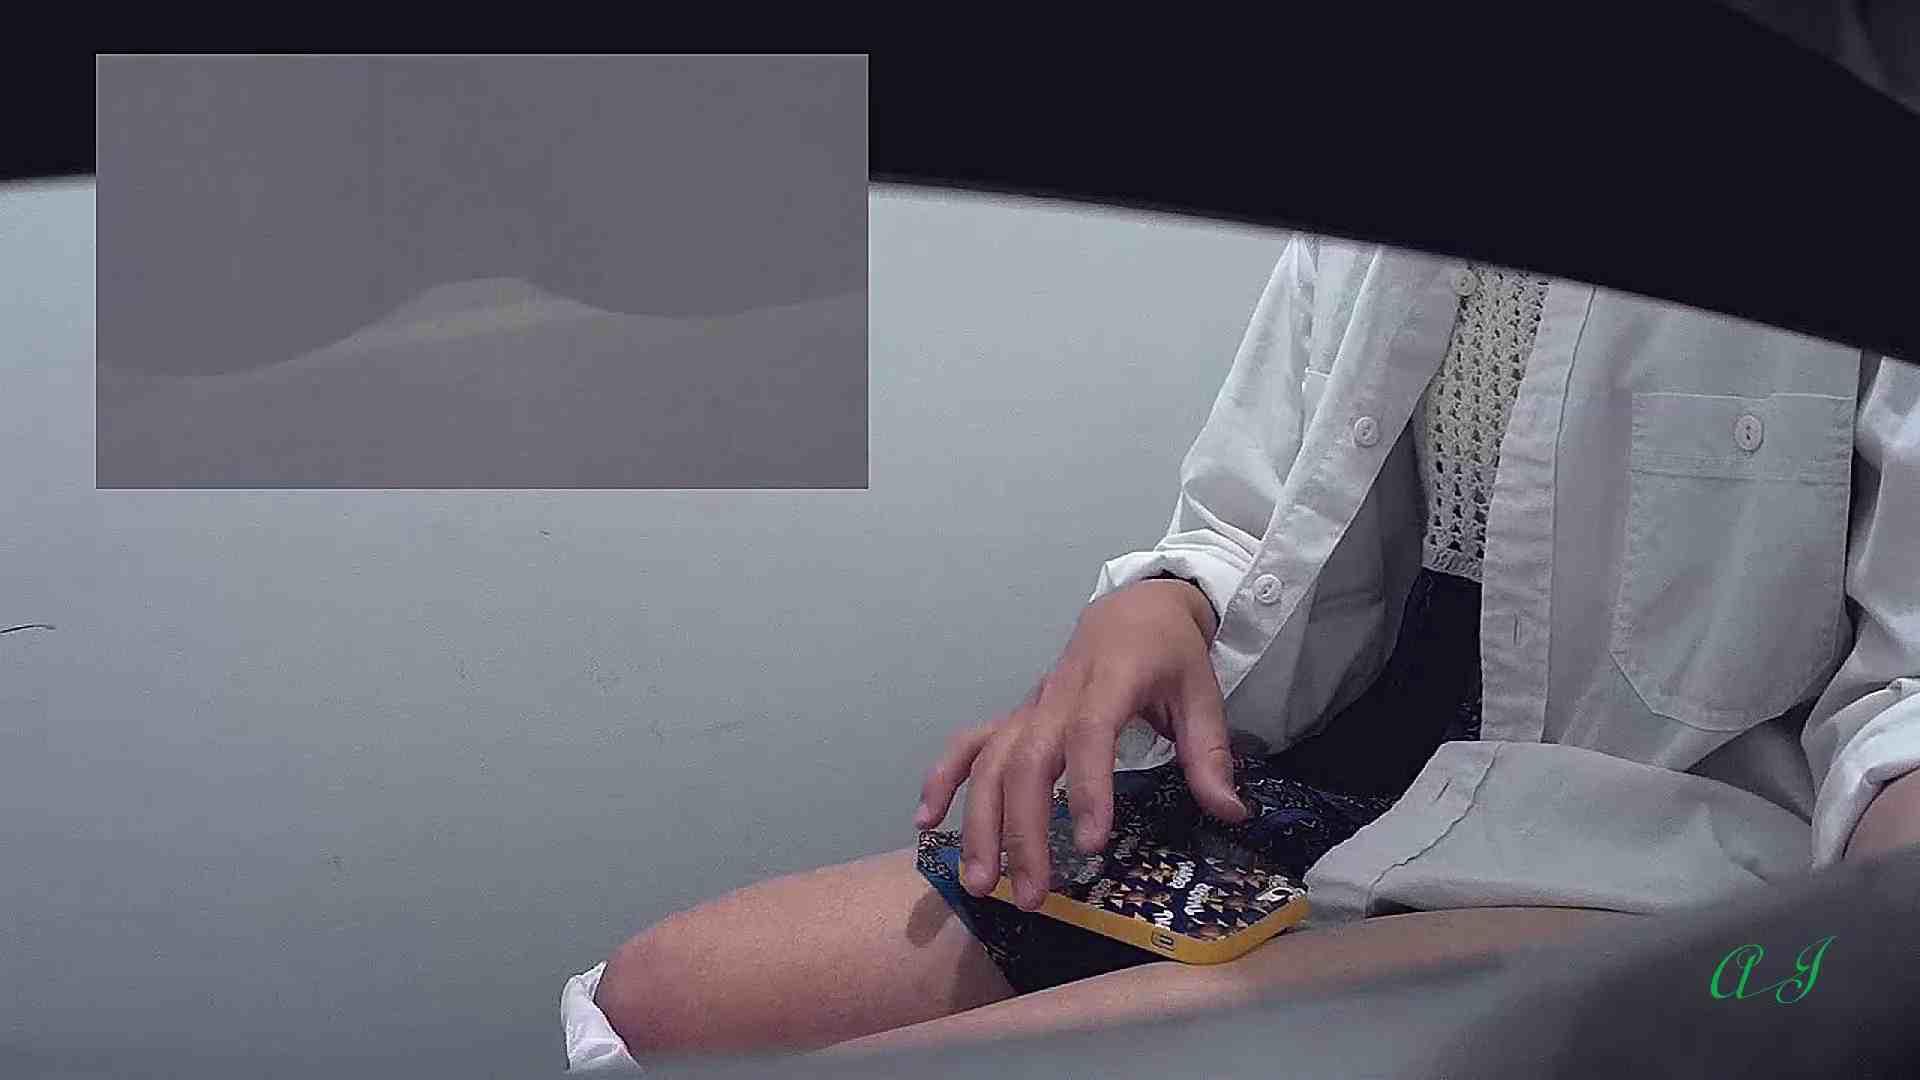 有名大学女性洗面所 vol.64 圧巻!総勢8名全員美女ばかり!! 洗面所のぞき オメコ無修正動画無料 80枚 72